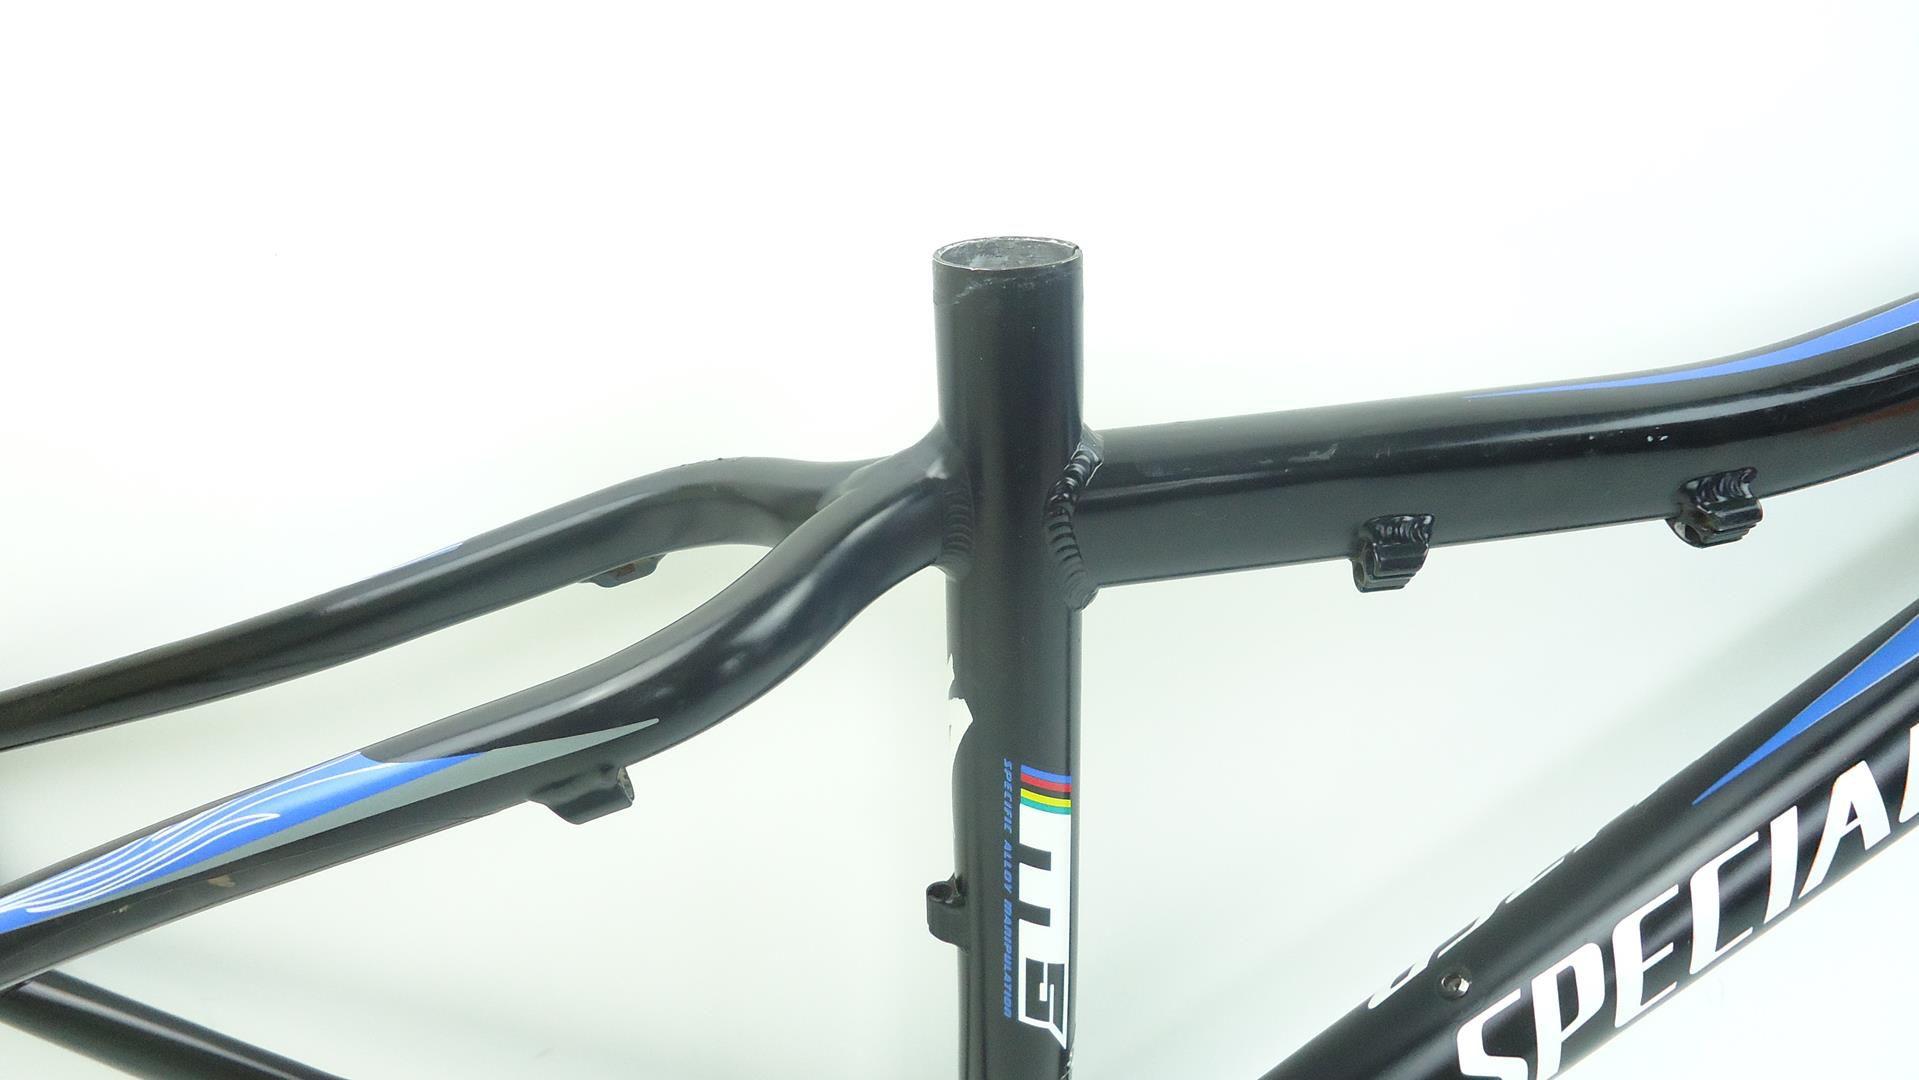 Quadro Bicicleta MTB Specialized Stumpjumper Comp 29 Aluminio Tam 15.5 - USADO